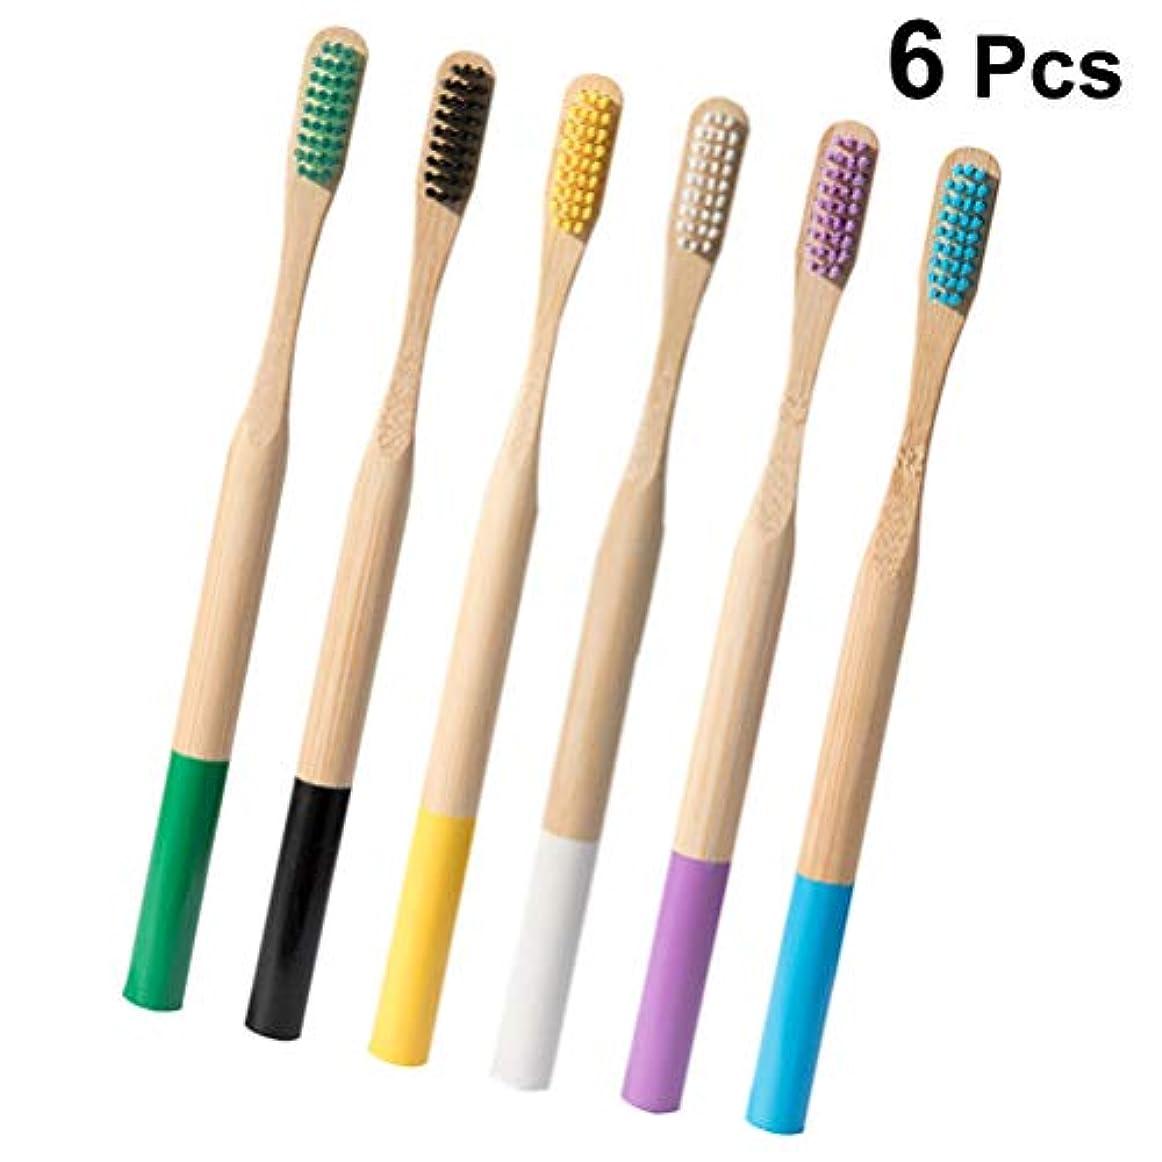 岩対角線ポイントSUPVOX 竹歯ブラシ自然環境にやさしい旅行屋外使用のための柔らかい毛の歯ブラシ6pcs